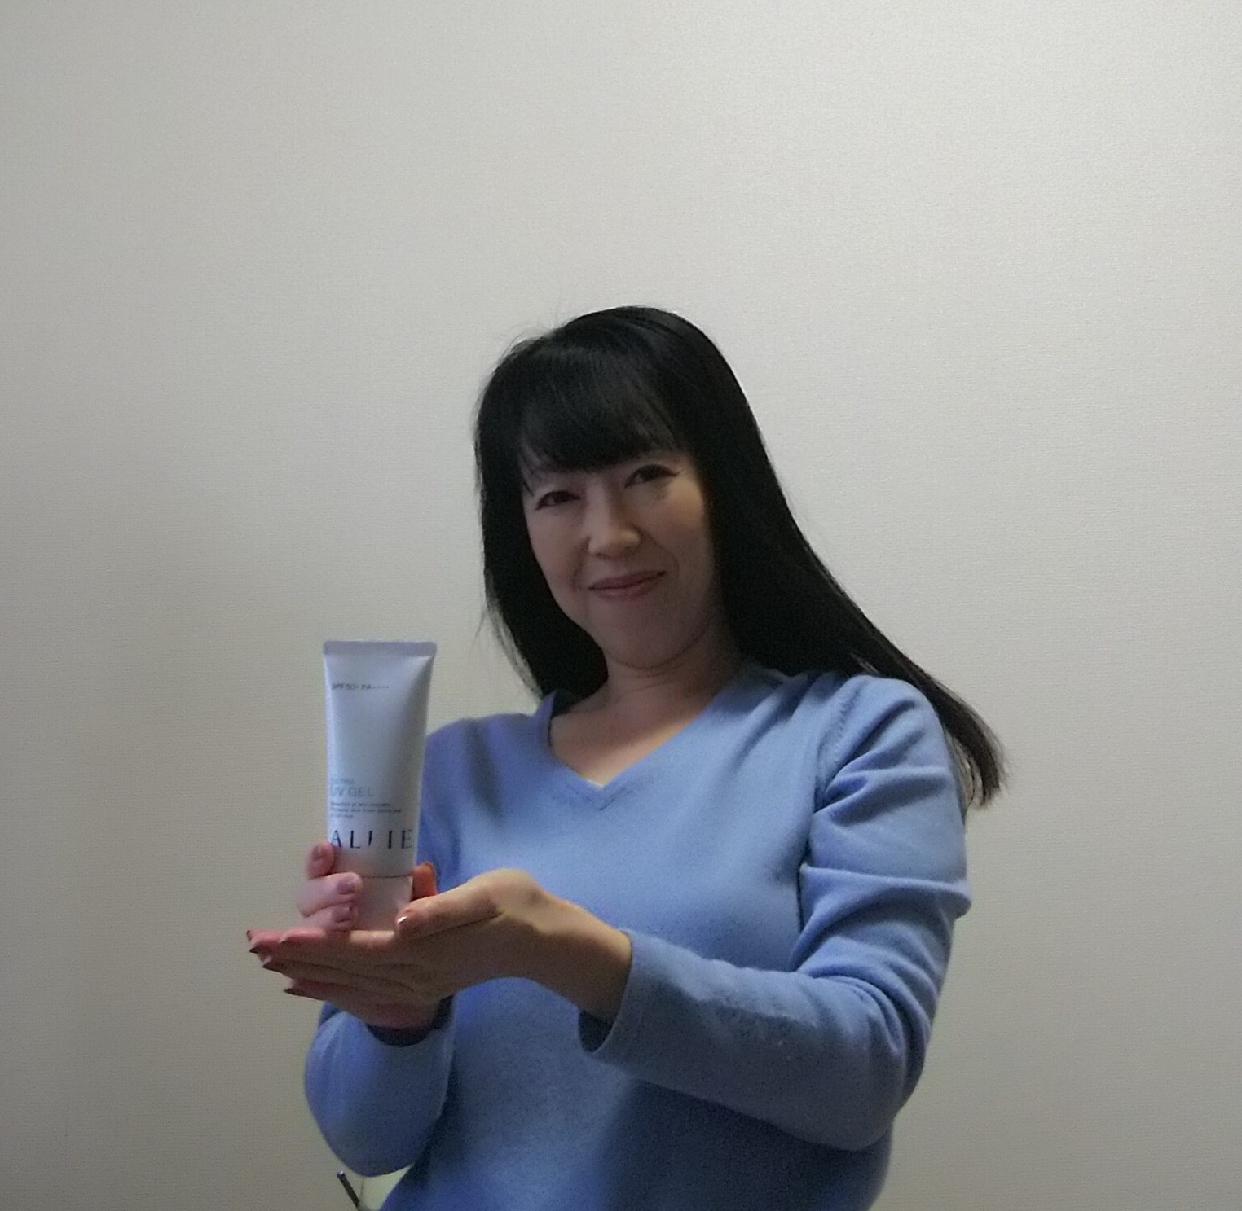 ALLIE(アリィー)エクストラUV ハイライトジェルを使った東 洋美さんのクチコミ画像1